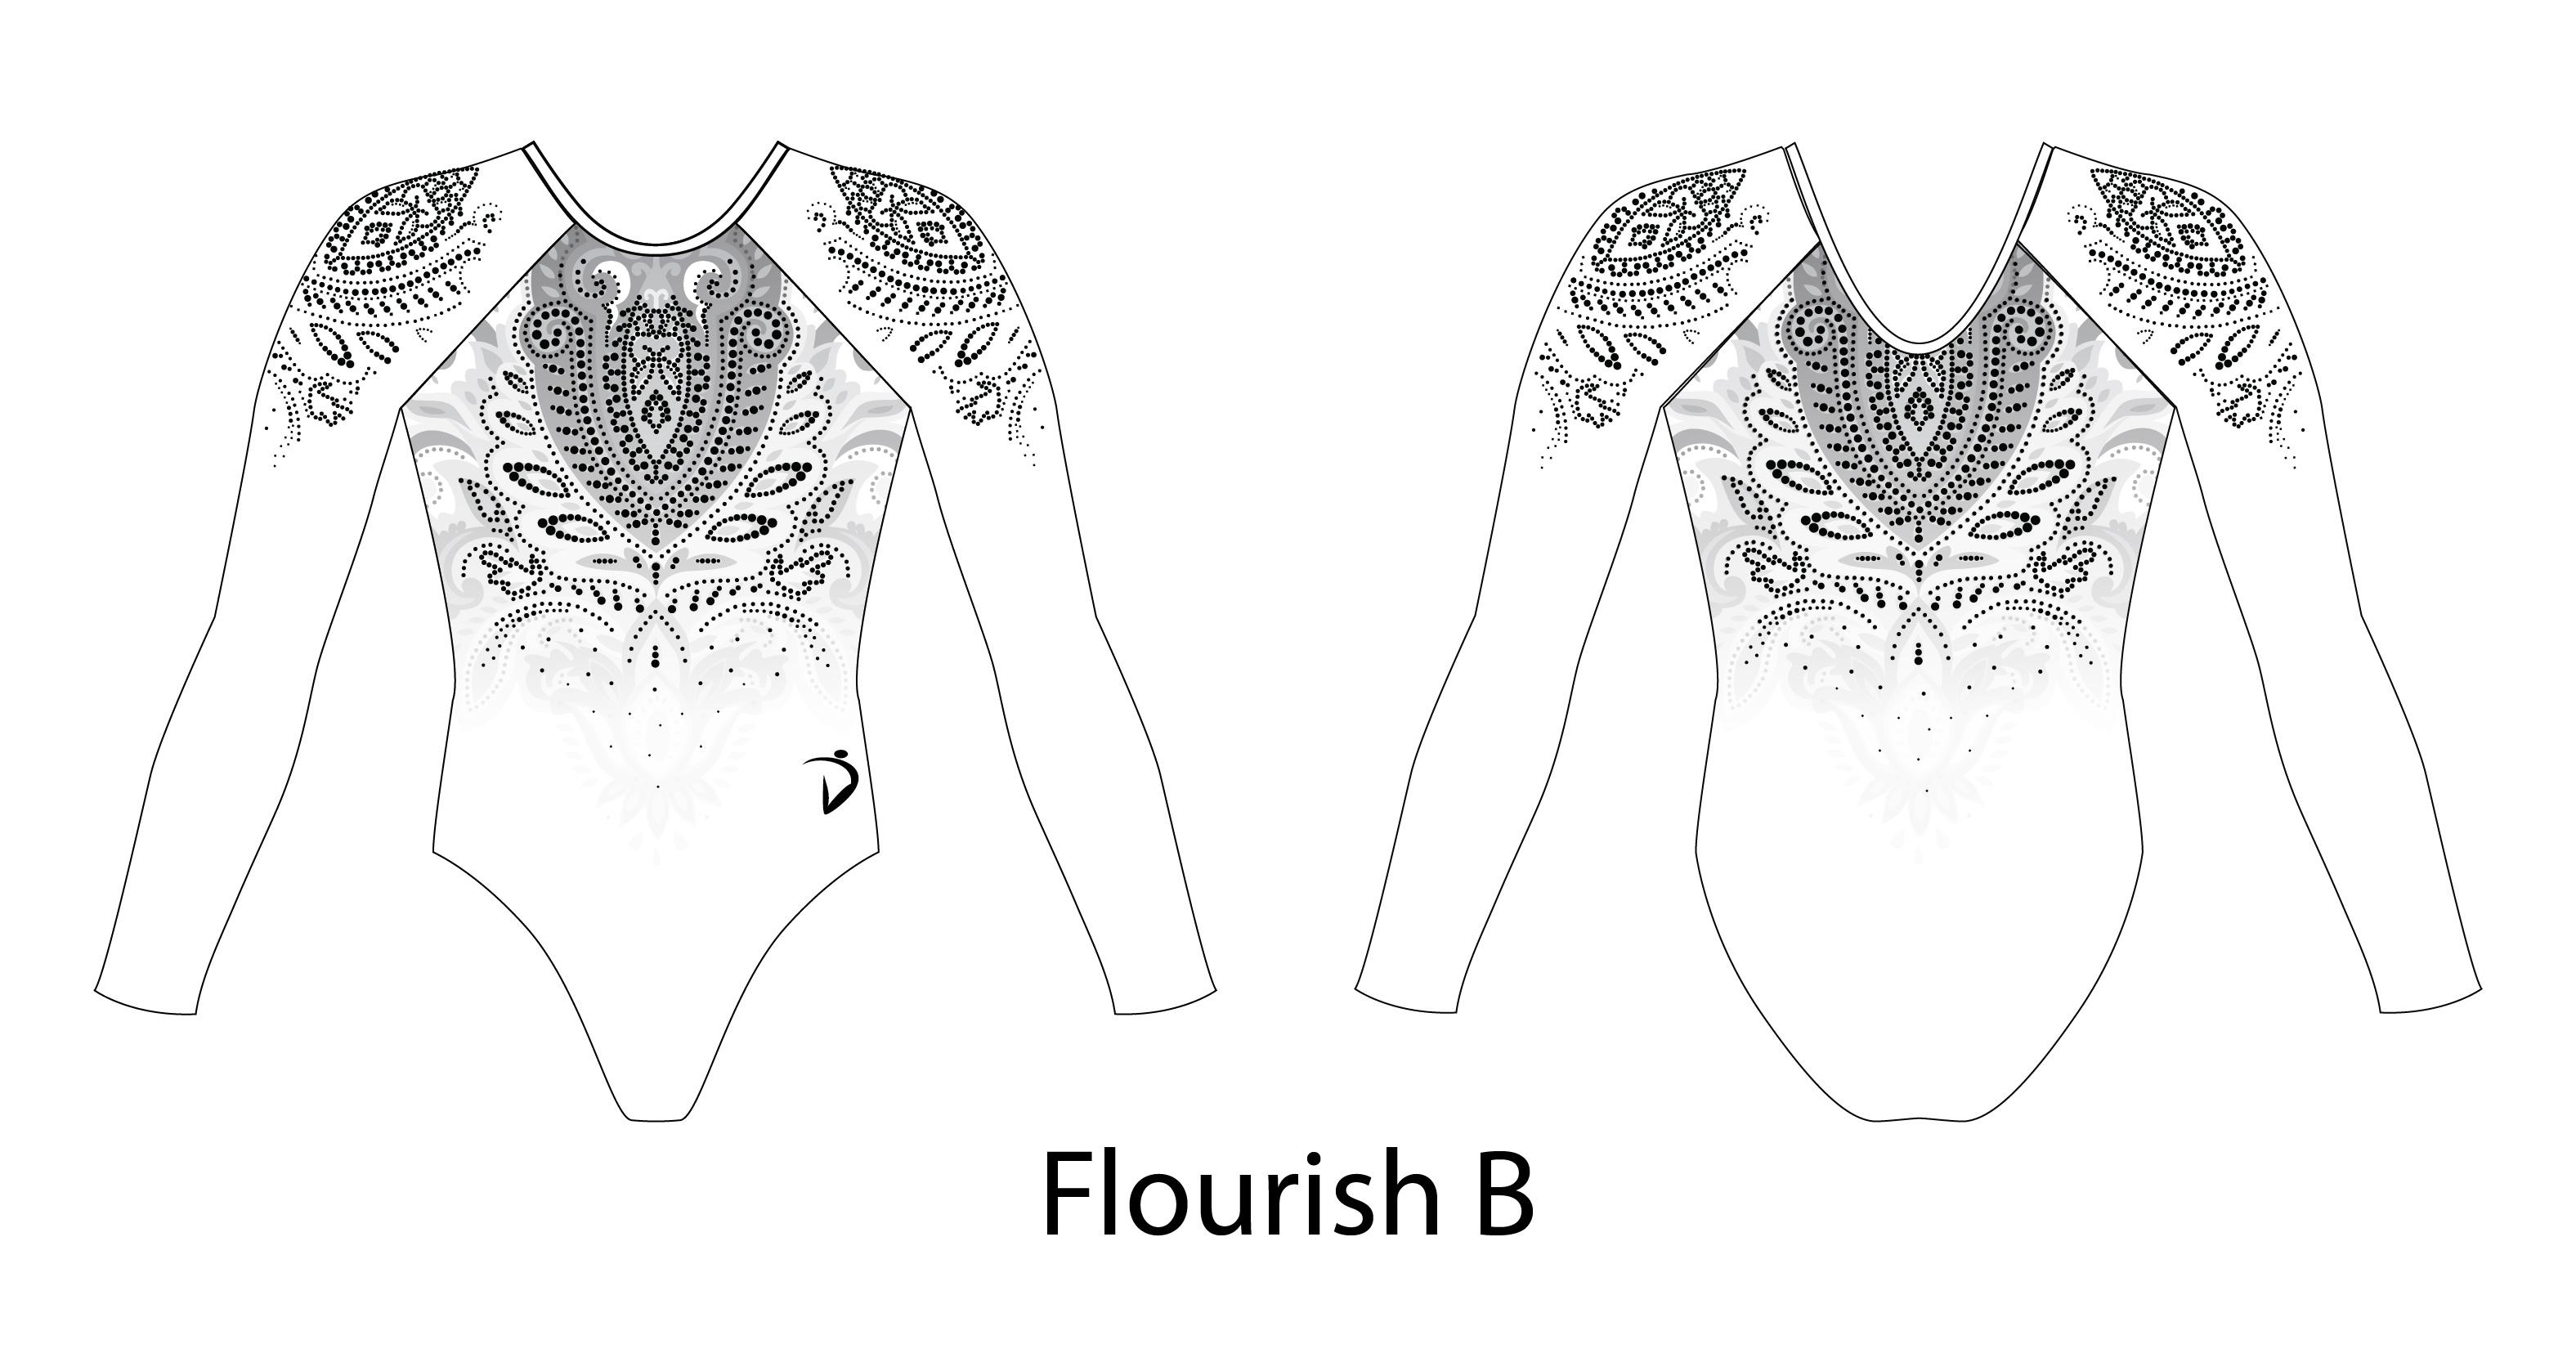 Flourish B